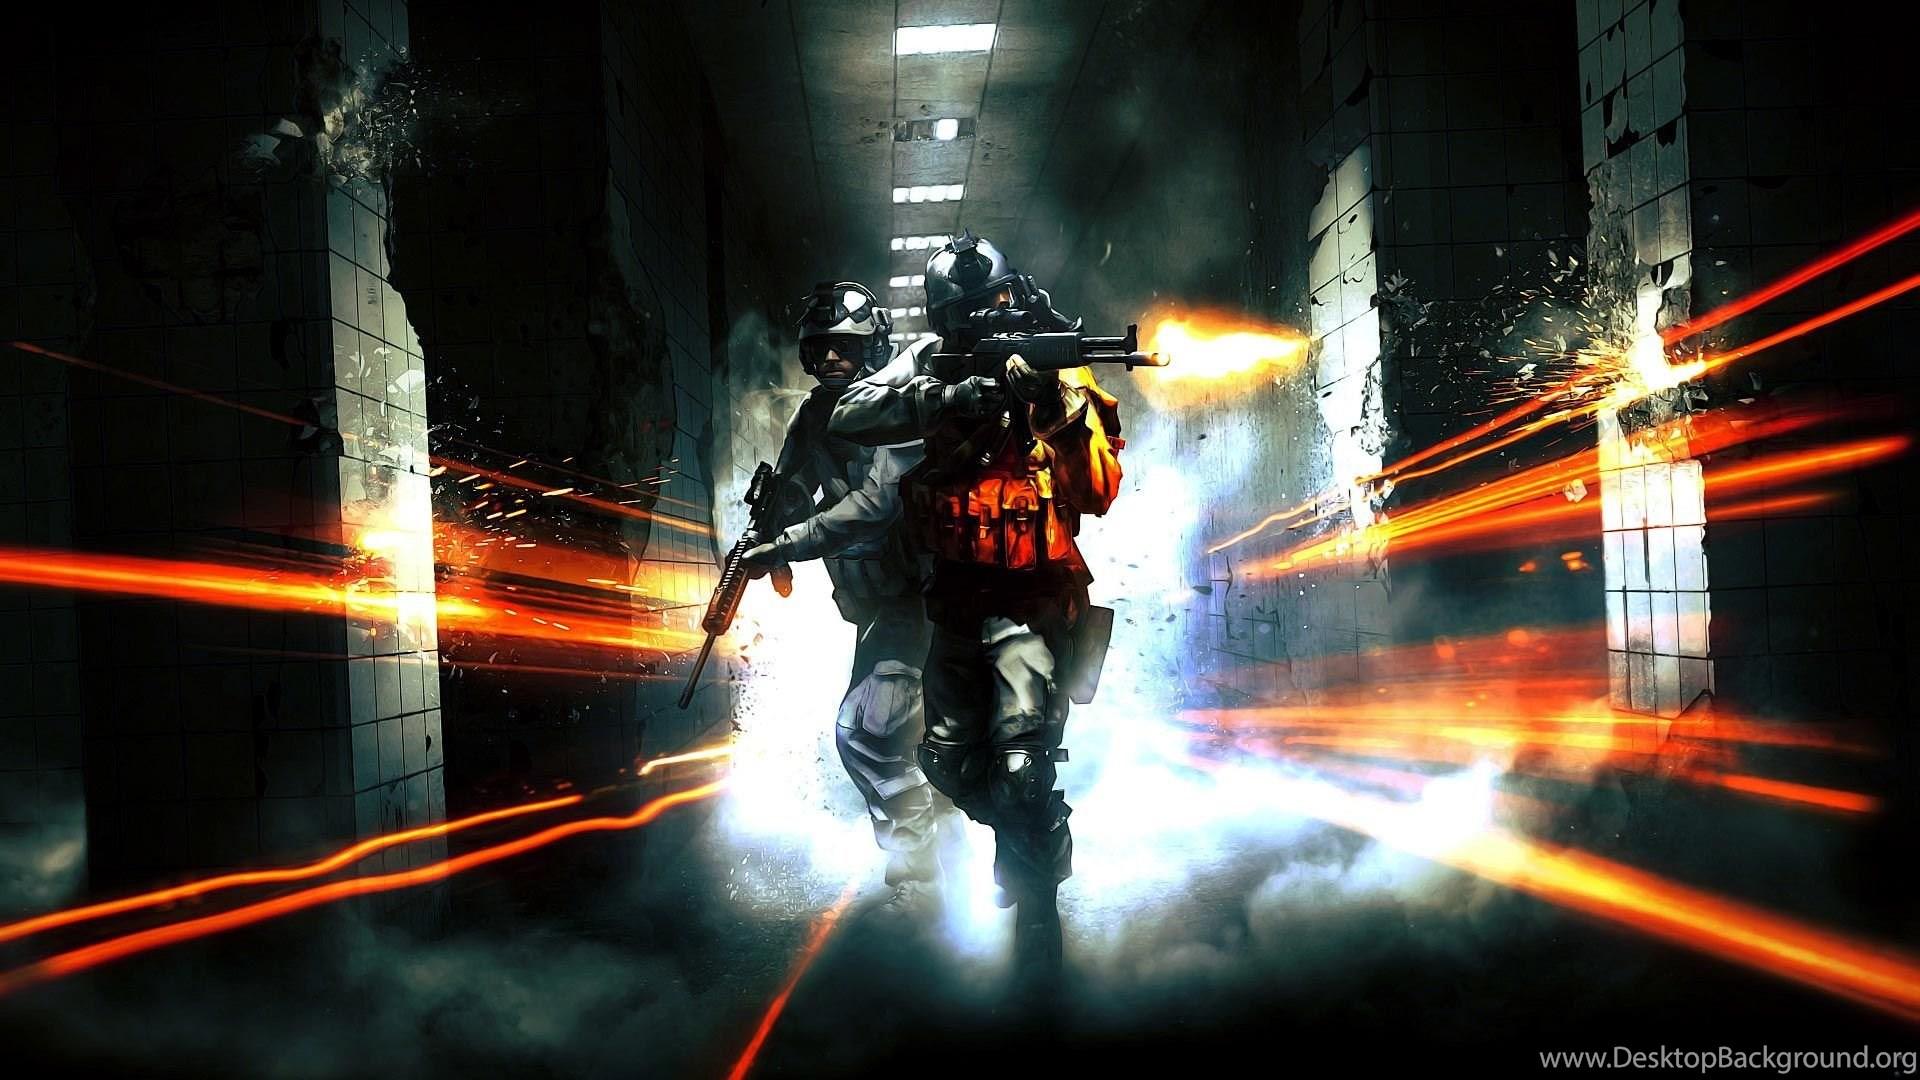 Dark Soldier Wallpapers Desktop Background